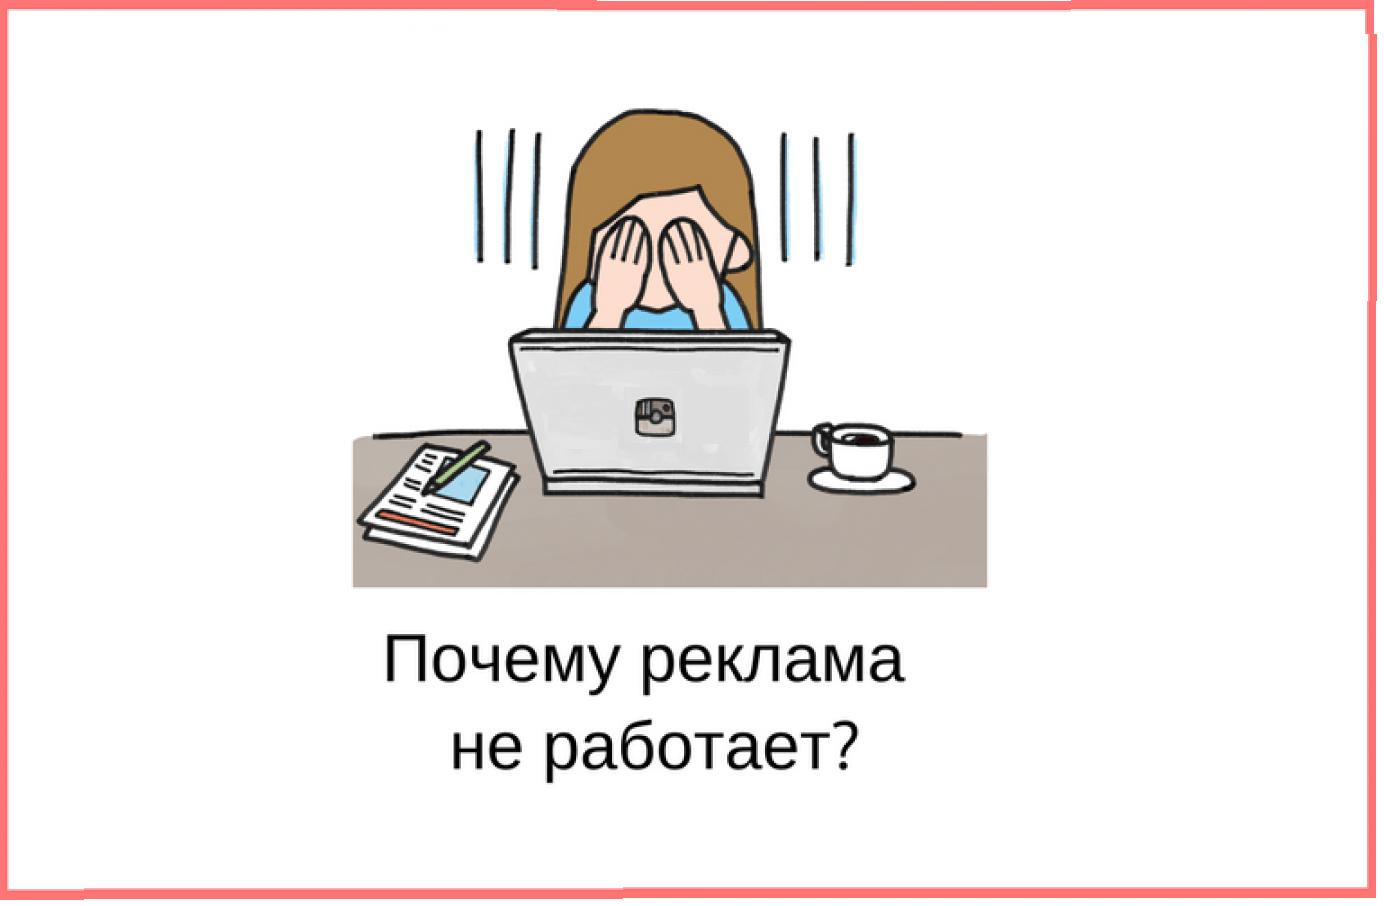 Почему реклама в Инстаграм не работает